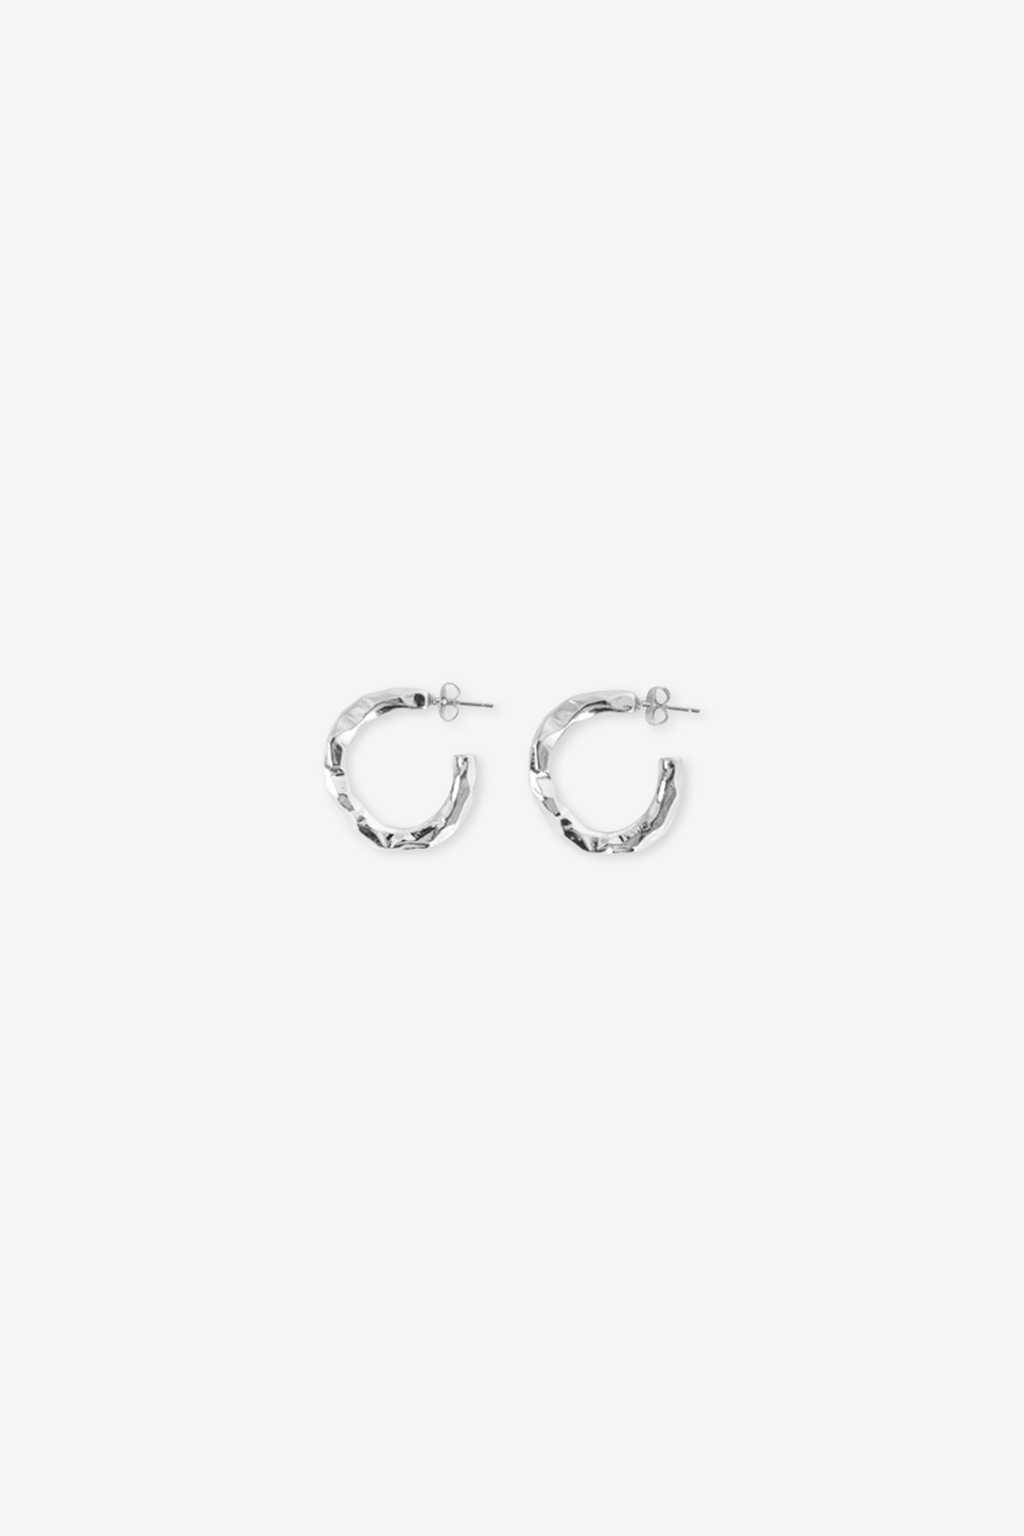 Earring H409 Silver 2